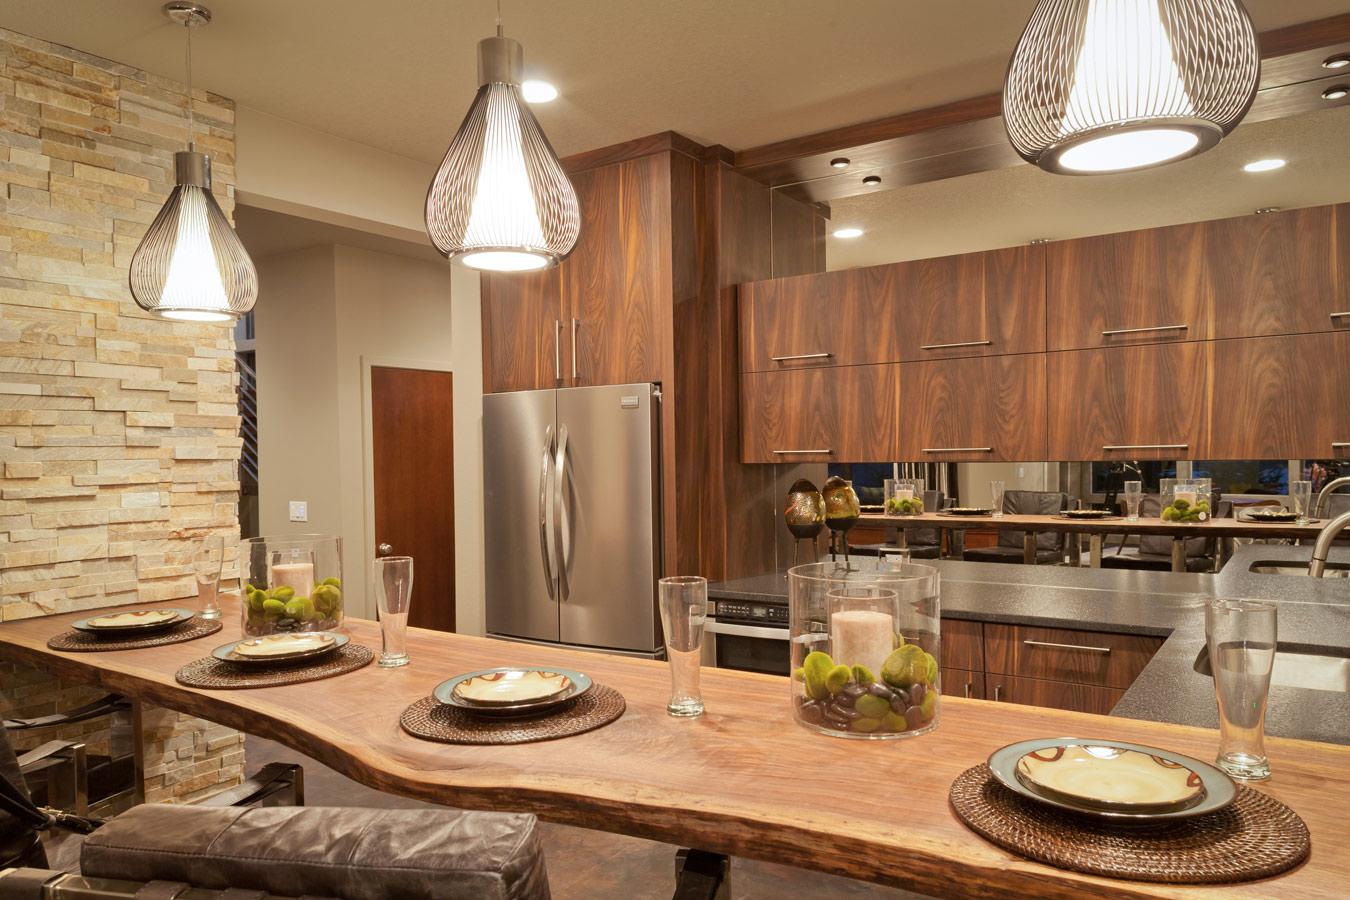 Leuke Keuken Ideeen.Landelijke Keuken Ontwerpen Tips Inspiratie